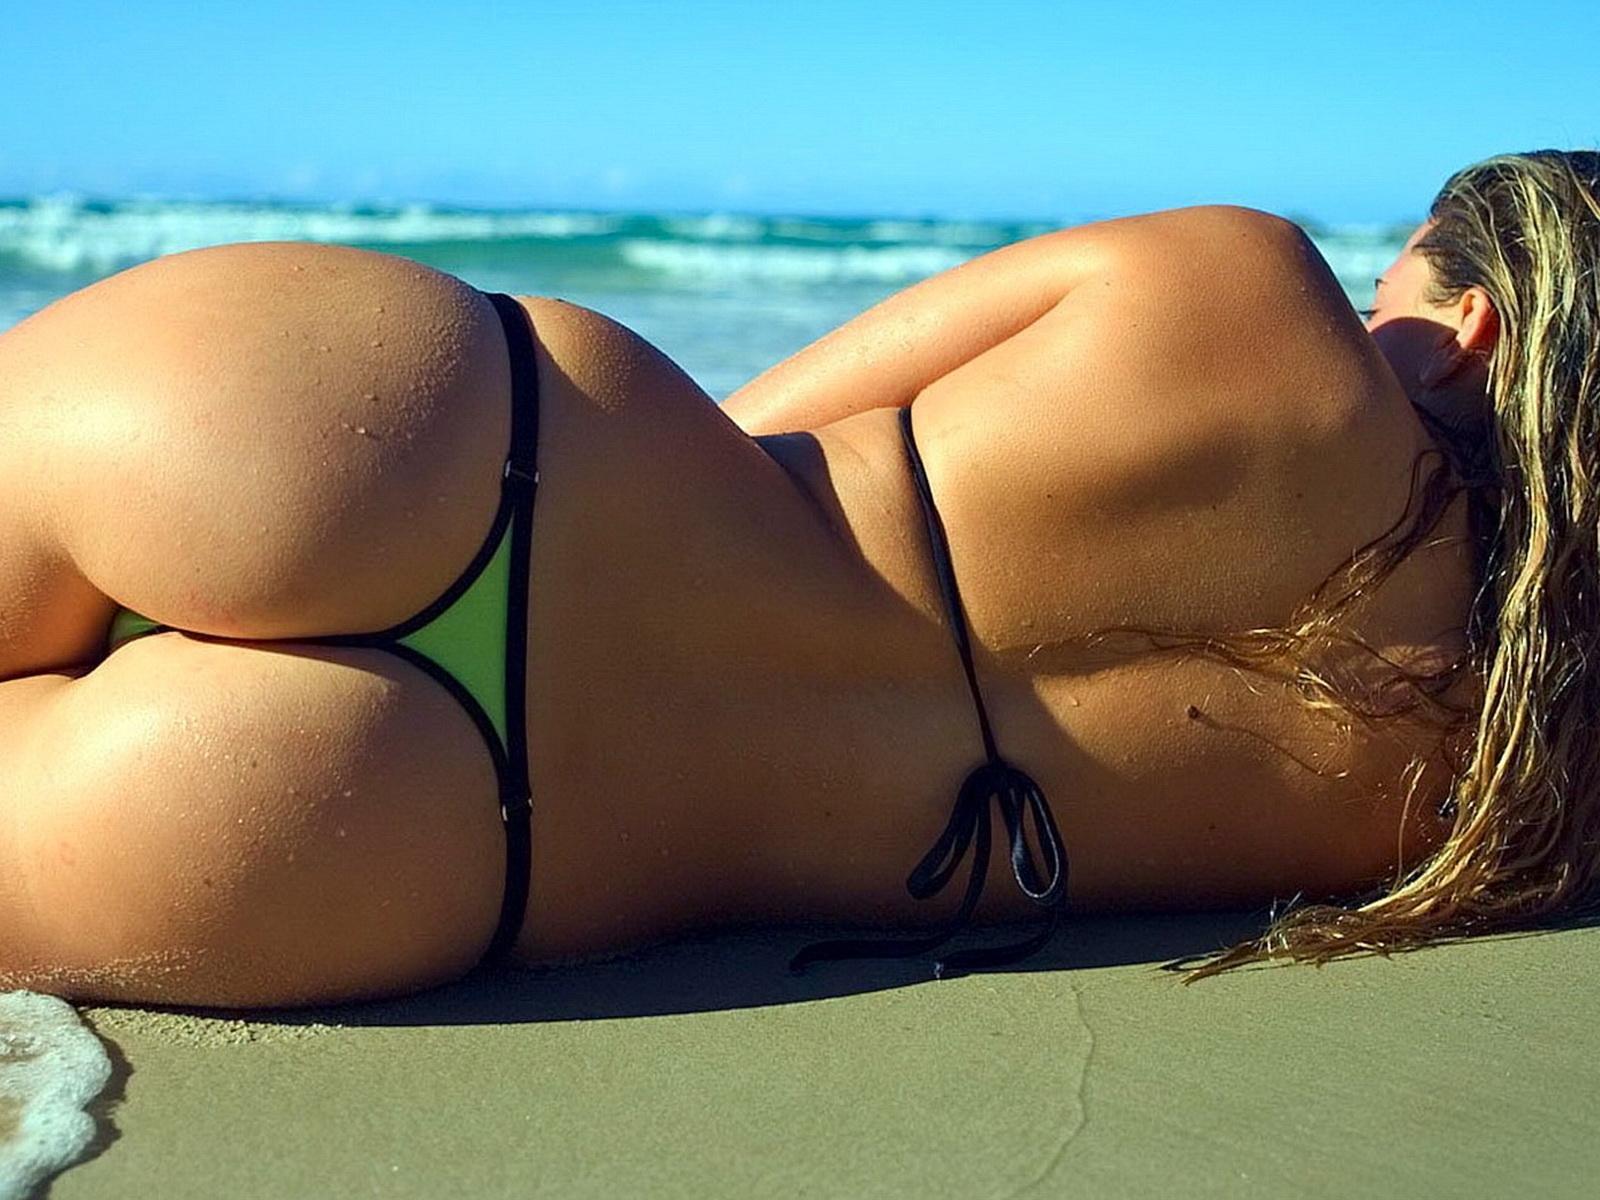 Фотки поп девочек голых 25 фотография